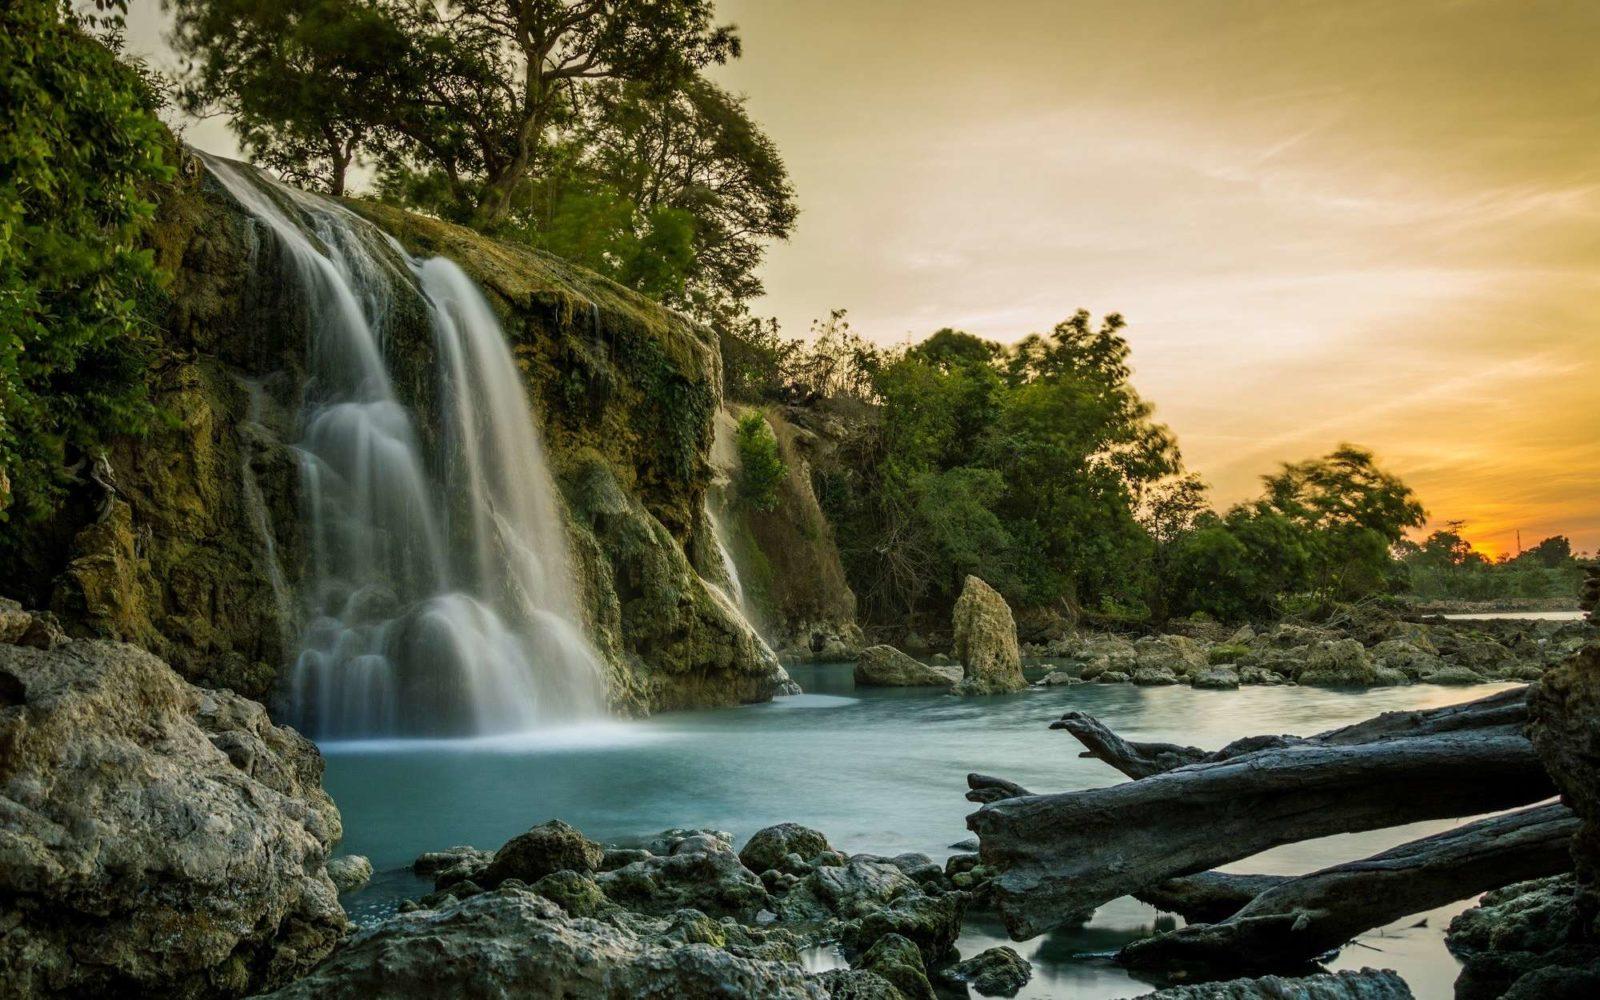 Wisata Air Terjun Toroan Yang Penuh Legenda November 7